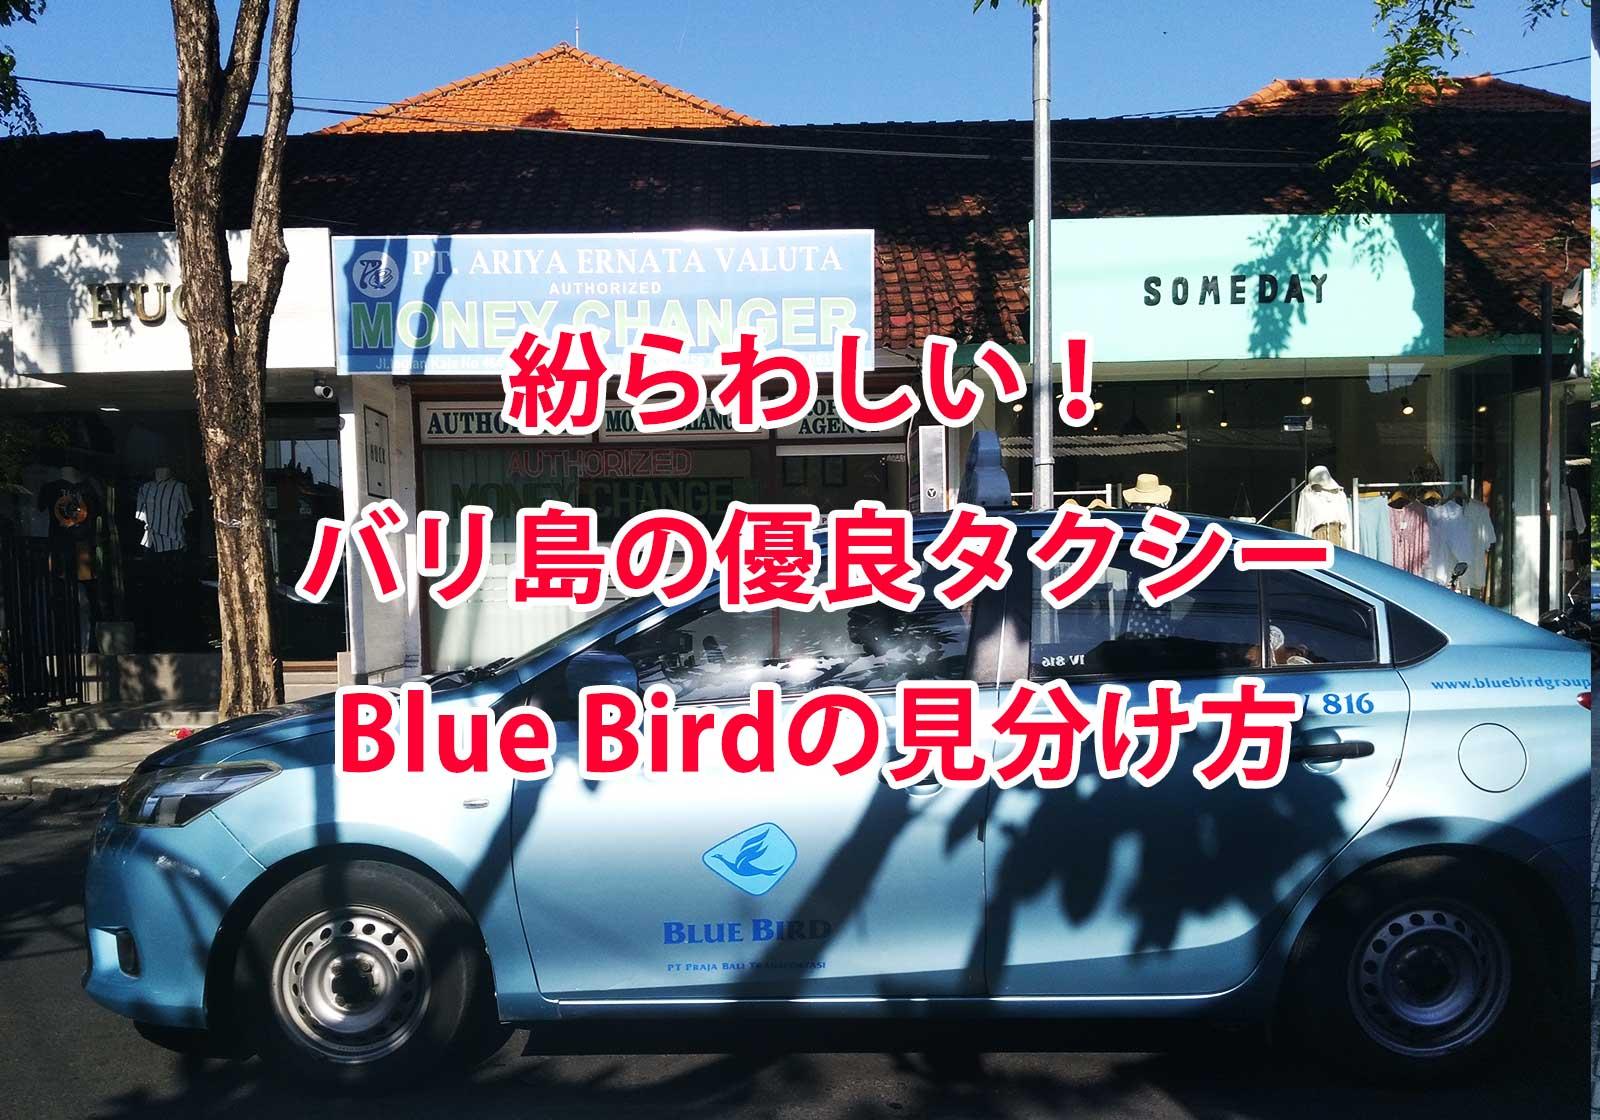 バリ島ブルーバードタクシーの見分け方。みんな似てて紛らわしい!